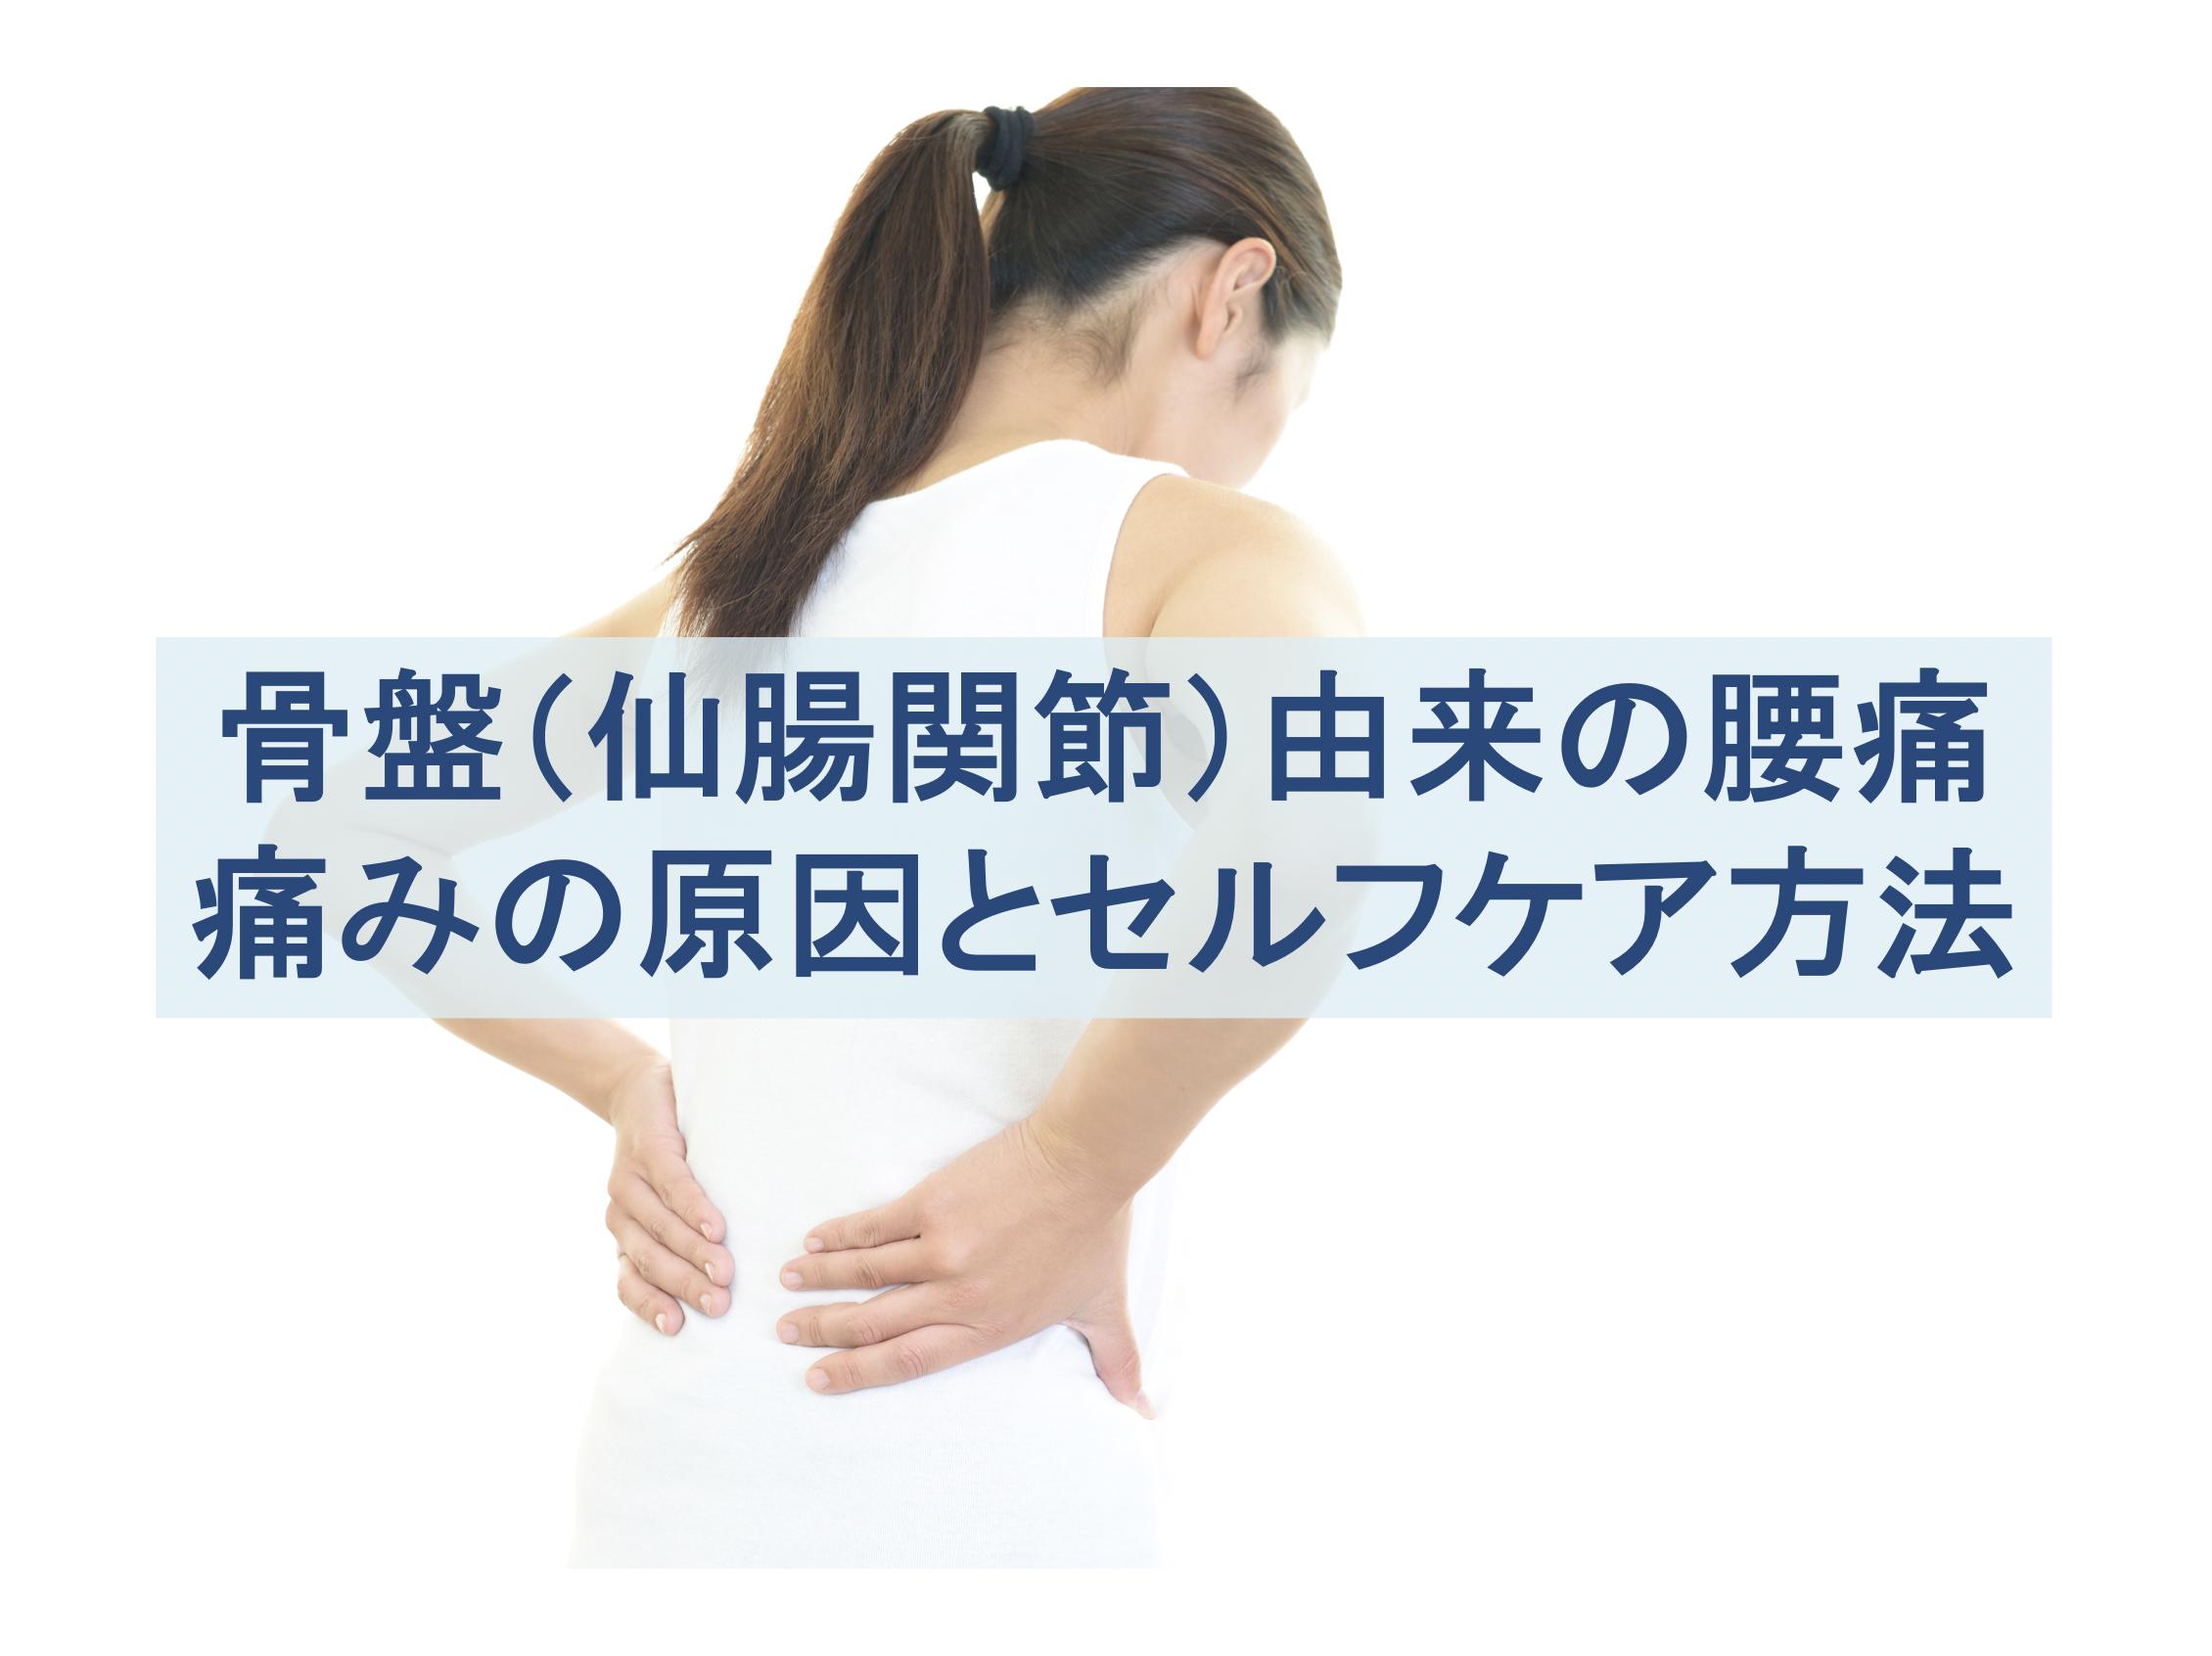 仙腸関節由来の腰痛の原因とセルフケア方法のトップ画像